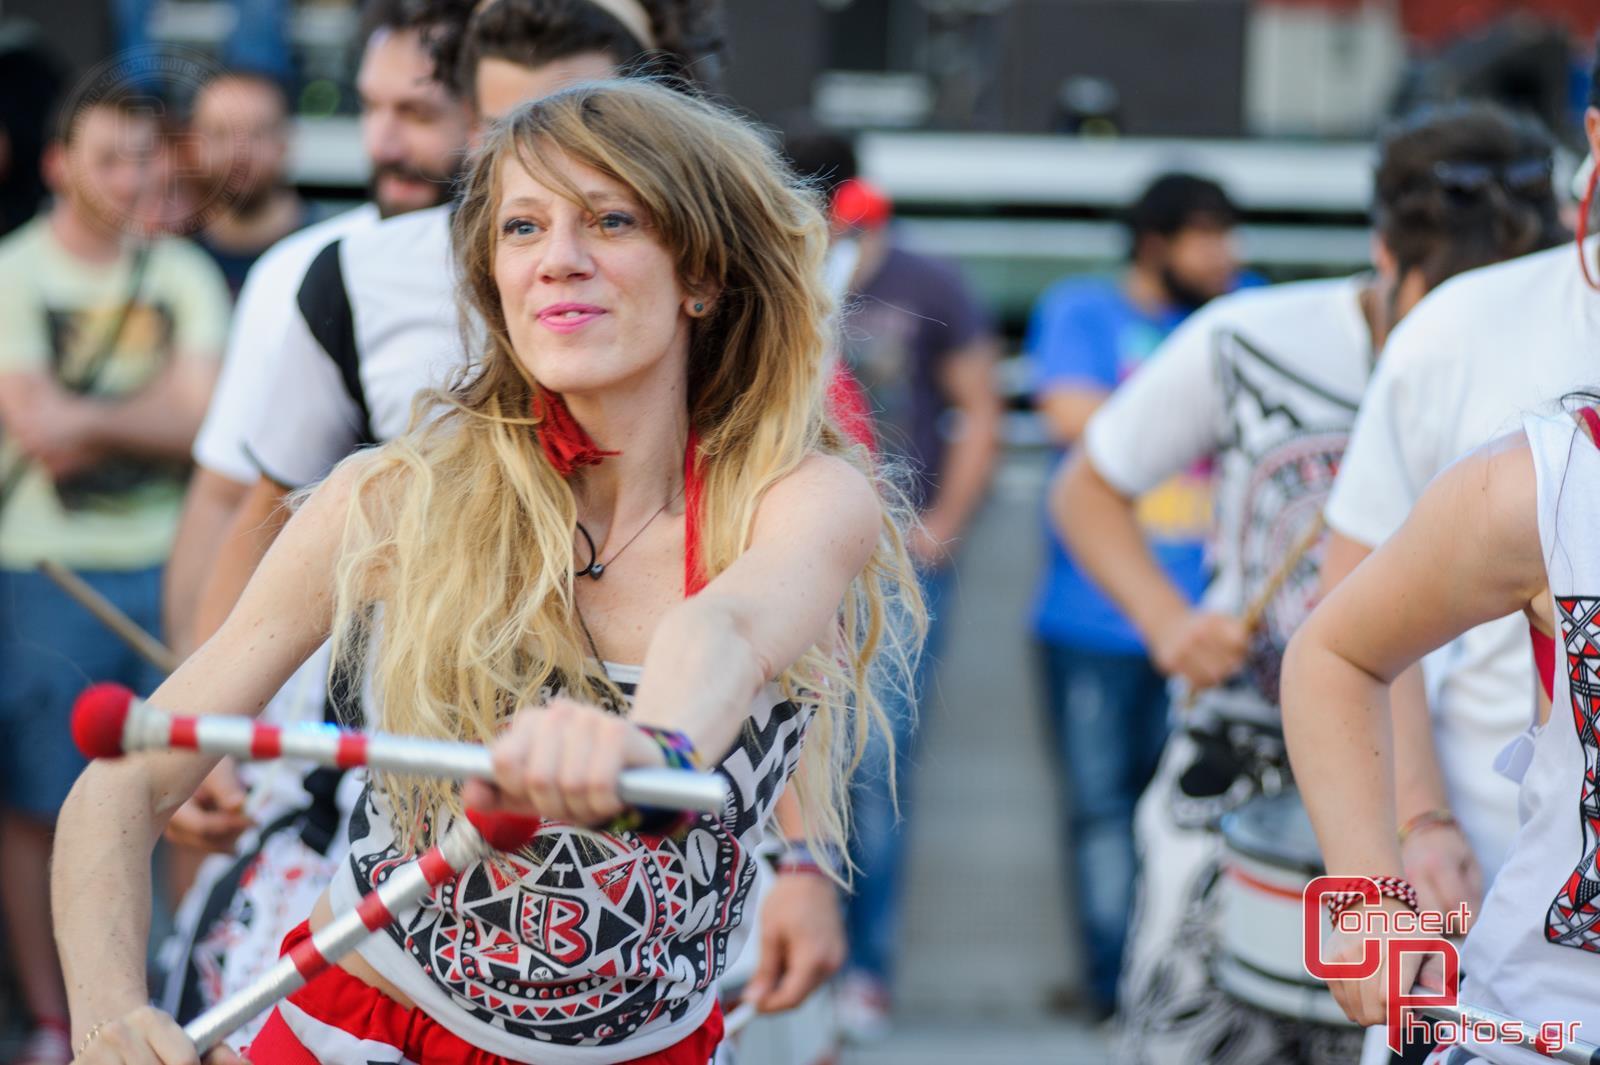 Μία συναυλία για τη Σχεδία 2014-Sxedia 2014 photographer:  - concertphotos_20140526_20_17_57